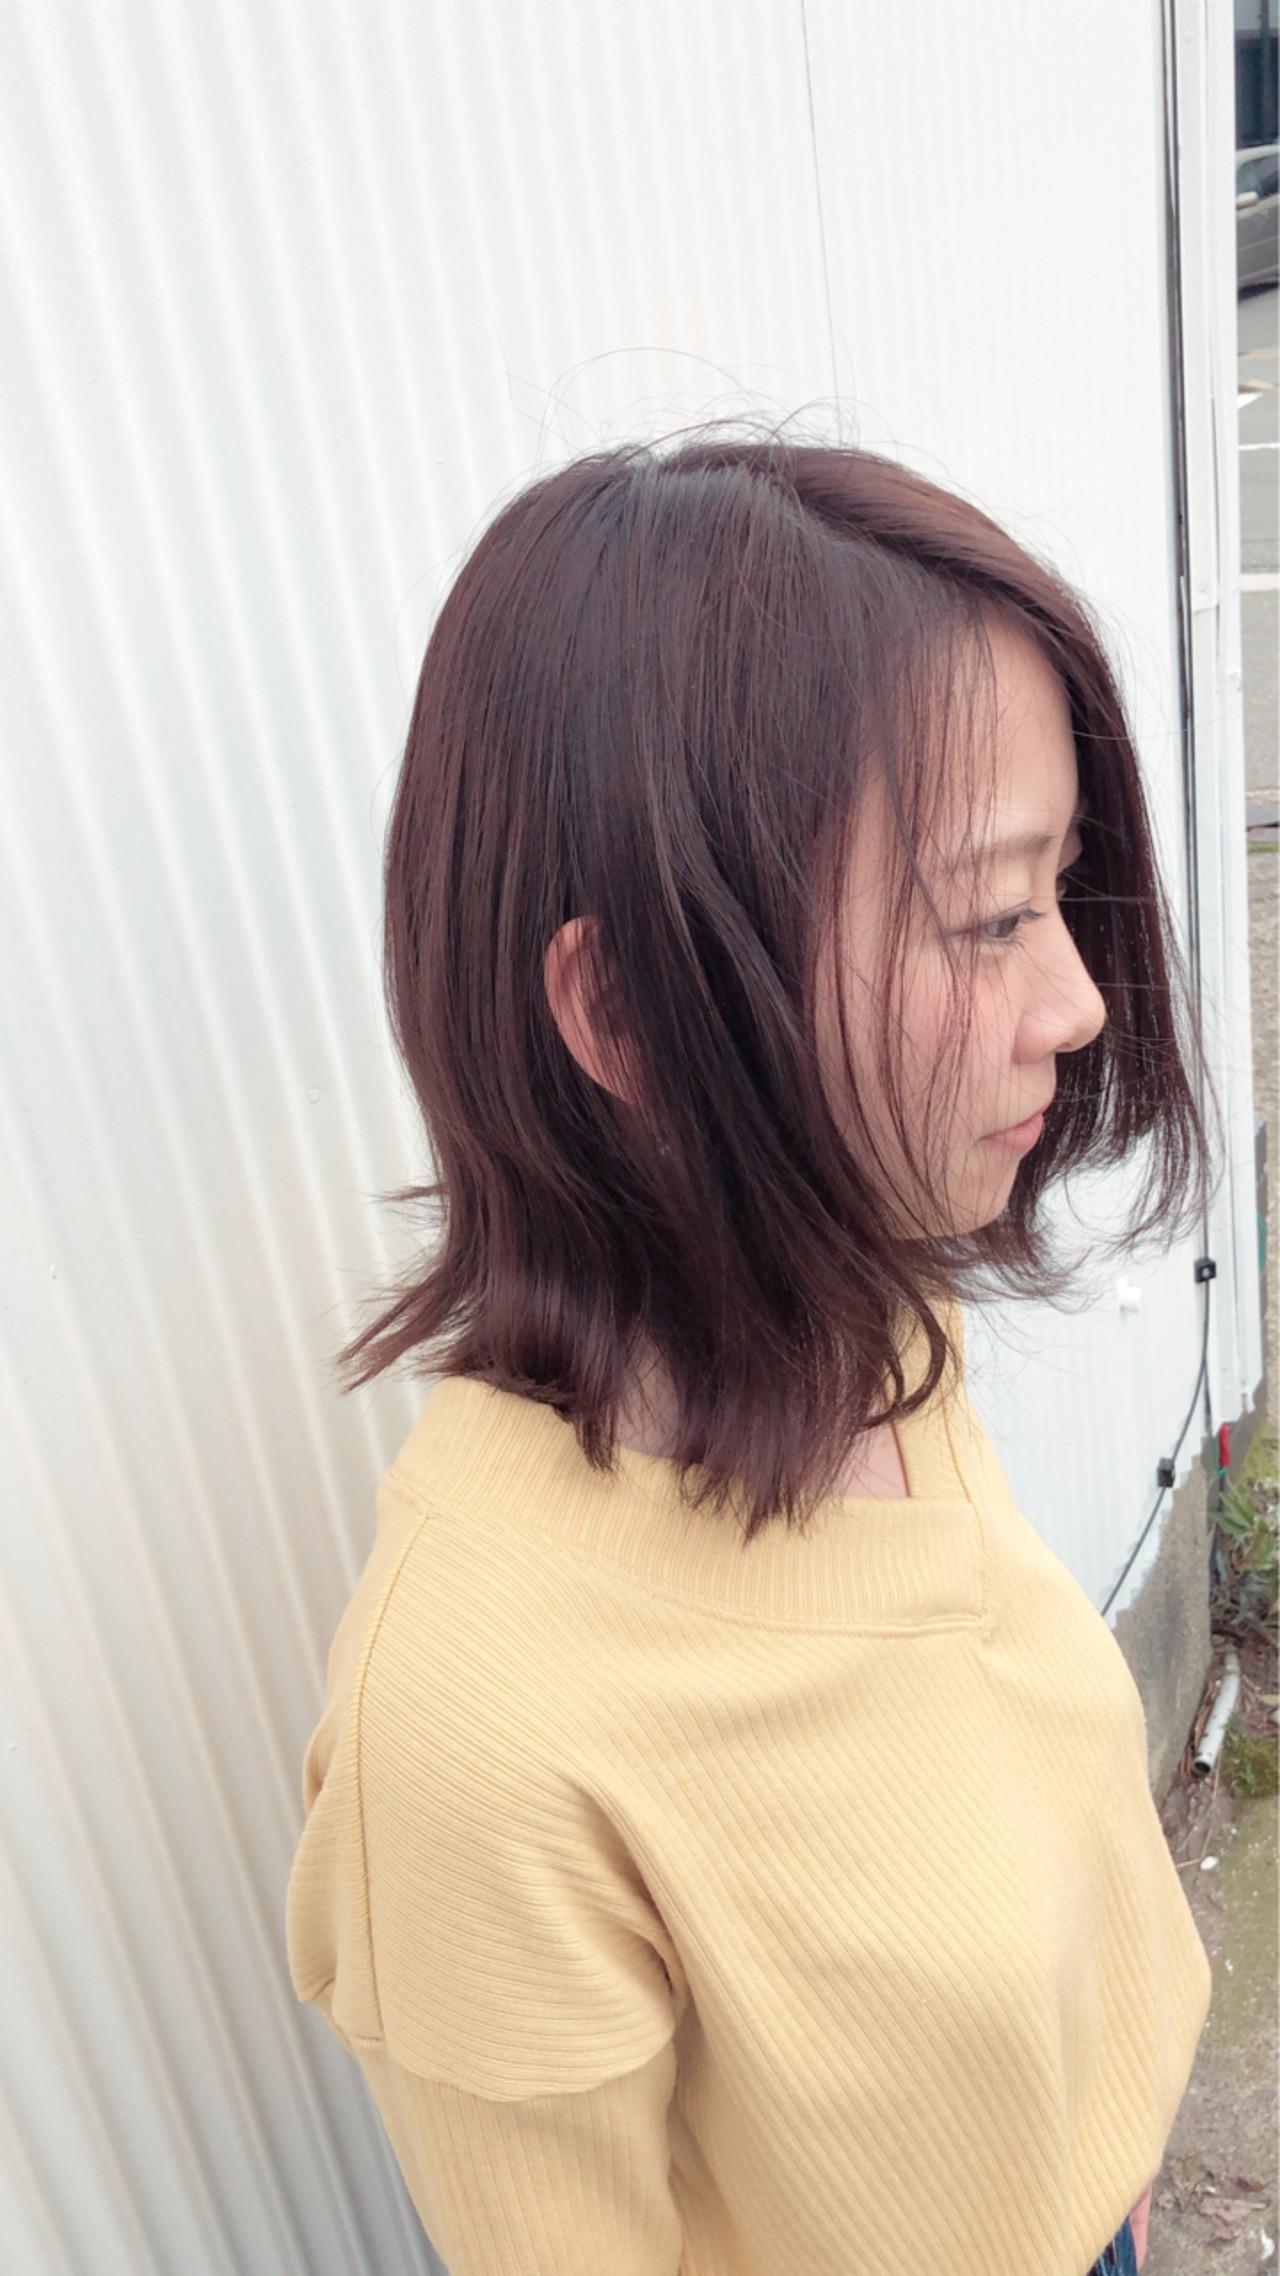 ロブ 簡単ヘアアレンジ ヘアアレンジ 成人式 ヘアスタイルや髪型の写真・画像 | 大西 つねお /  ELMO